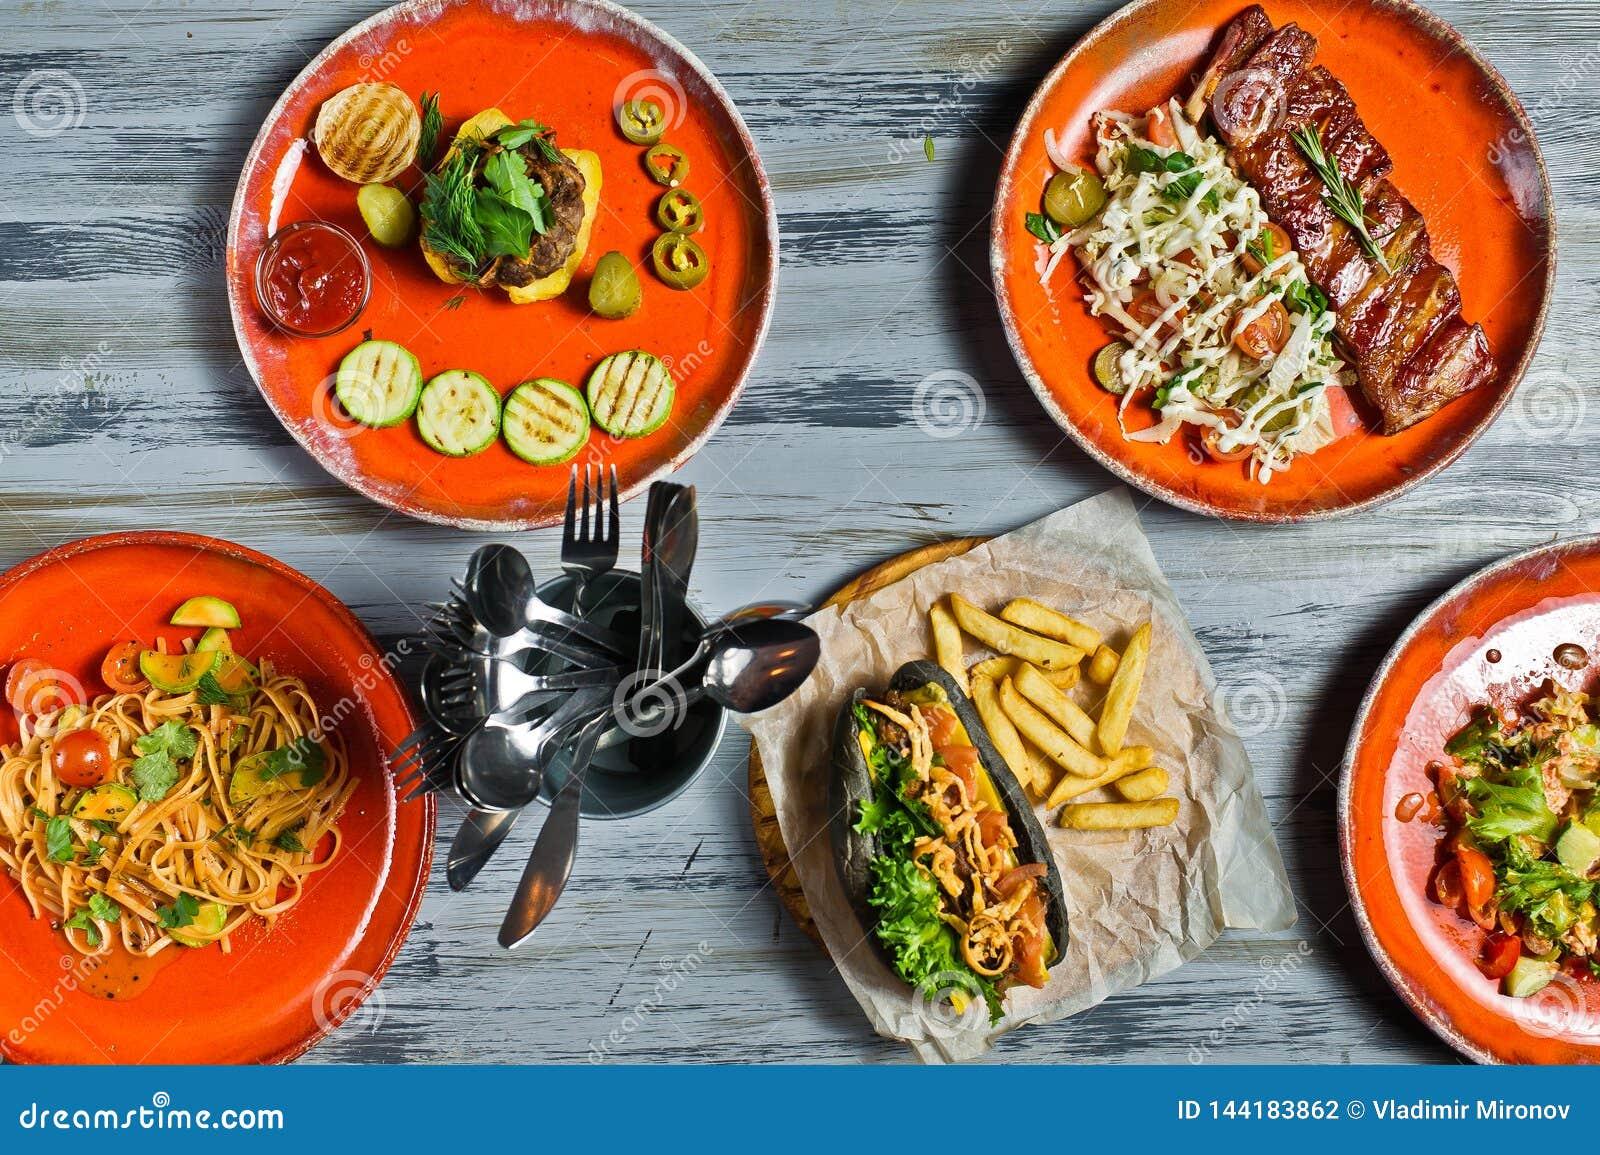 Χοτ-ντογκ έννοιας συμποσίου επιλογών εστιατορίων μεσημεριανού γεύματος κρέατος σχαρών τροφίμων μπουφέδων, πλευρά χοιρινού κρέατος